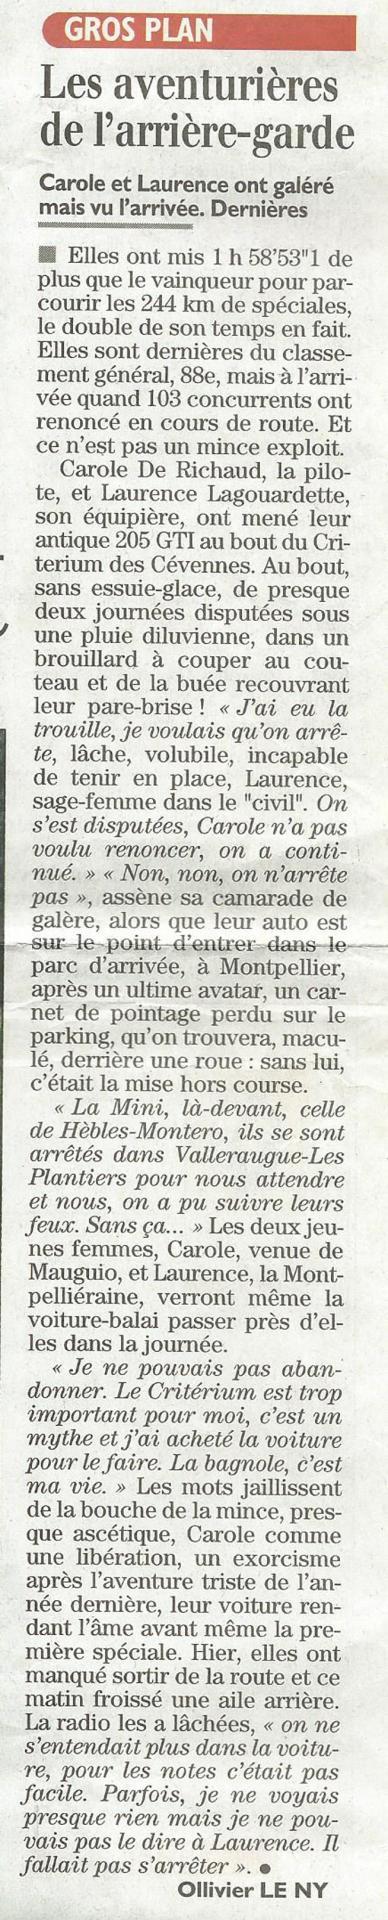 Midi libre 2000